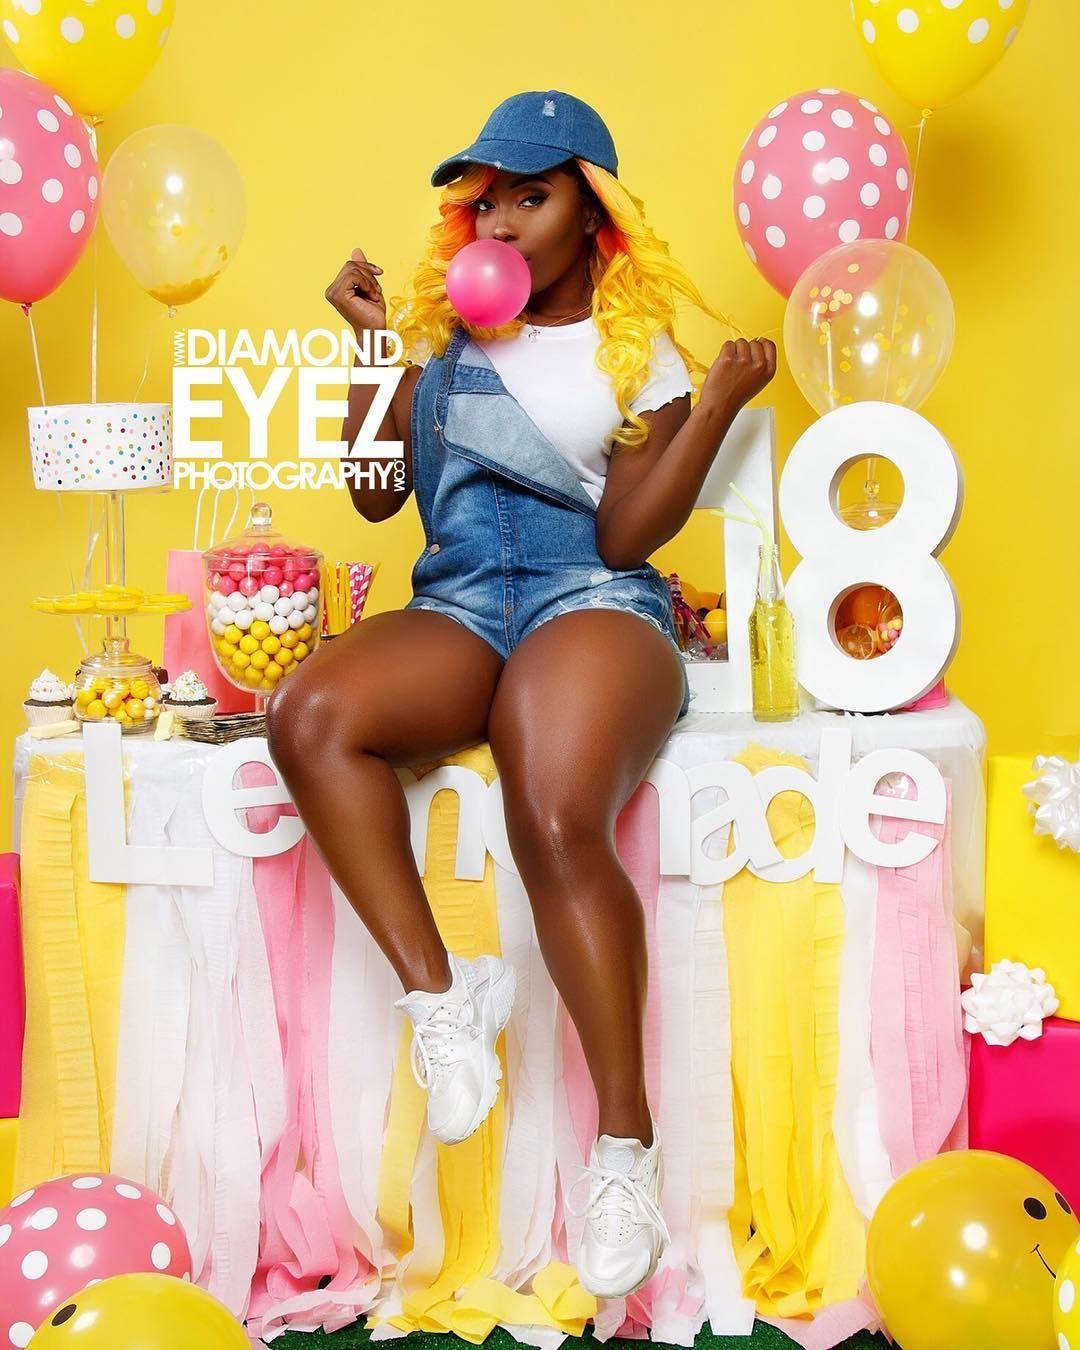 21st Birthday Photoshoot Lucky feather sweet 16 gifts for girls; 21st birthday photoshoot